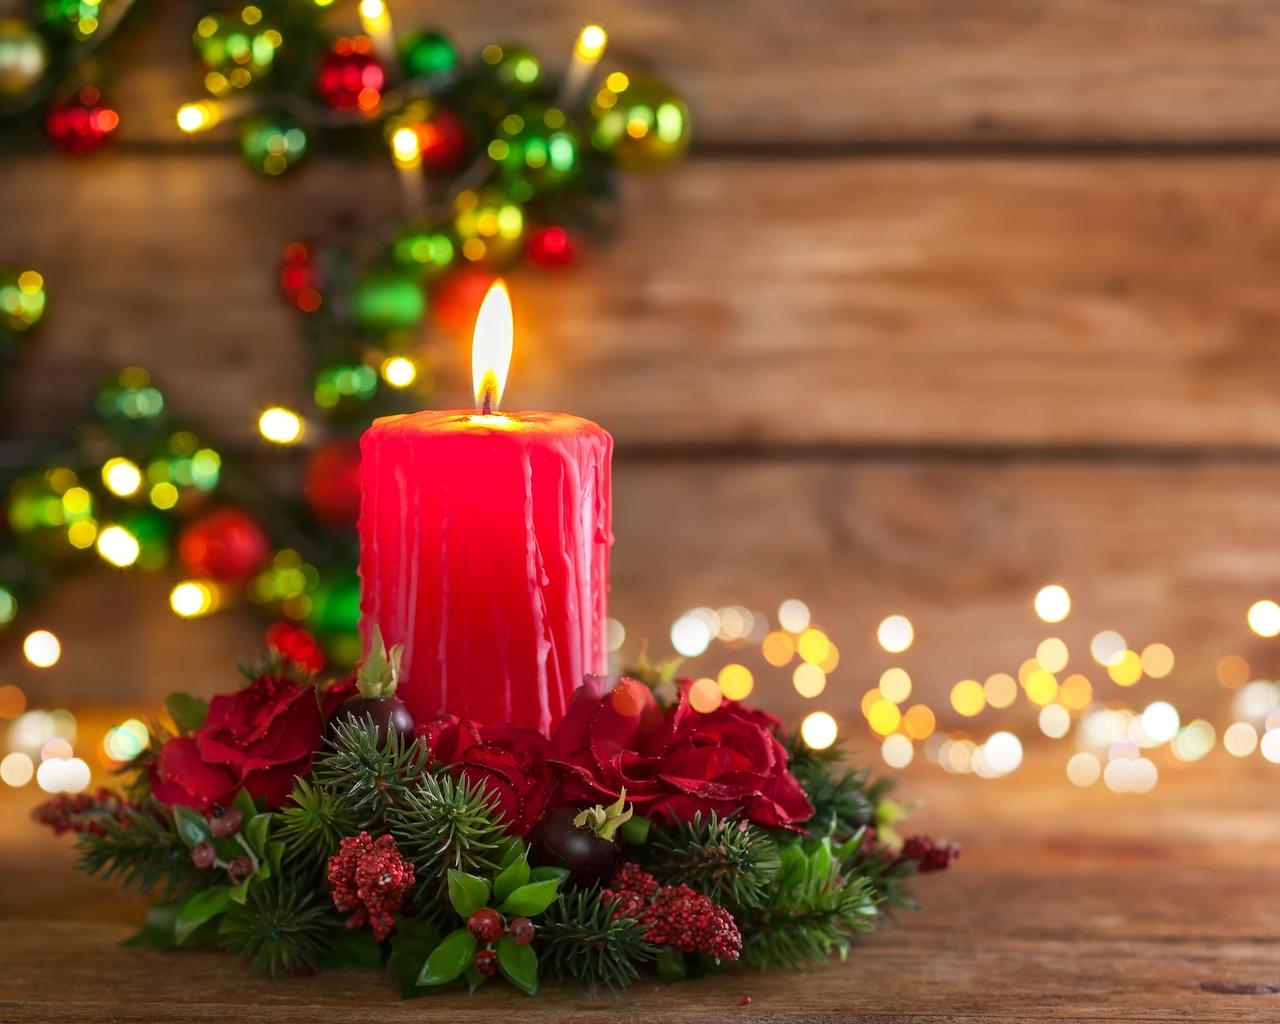 праздник, новый год, рождество, доски, композиция, свеча, декор, венок, хвоя, ветки, ёлка, ель, цветы, розы, ягоды, гирлянда, лампочки